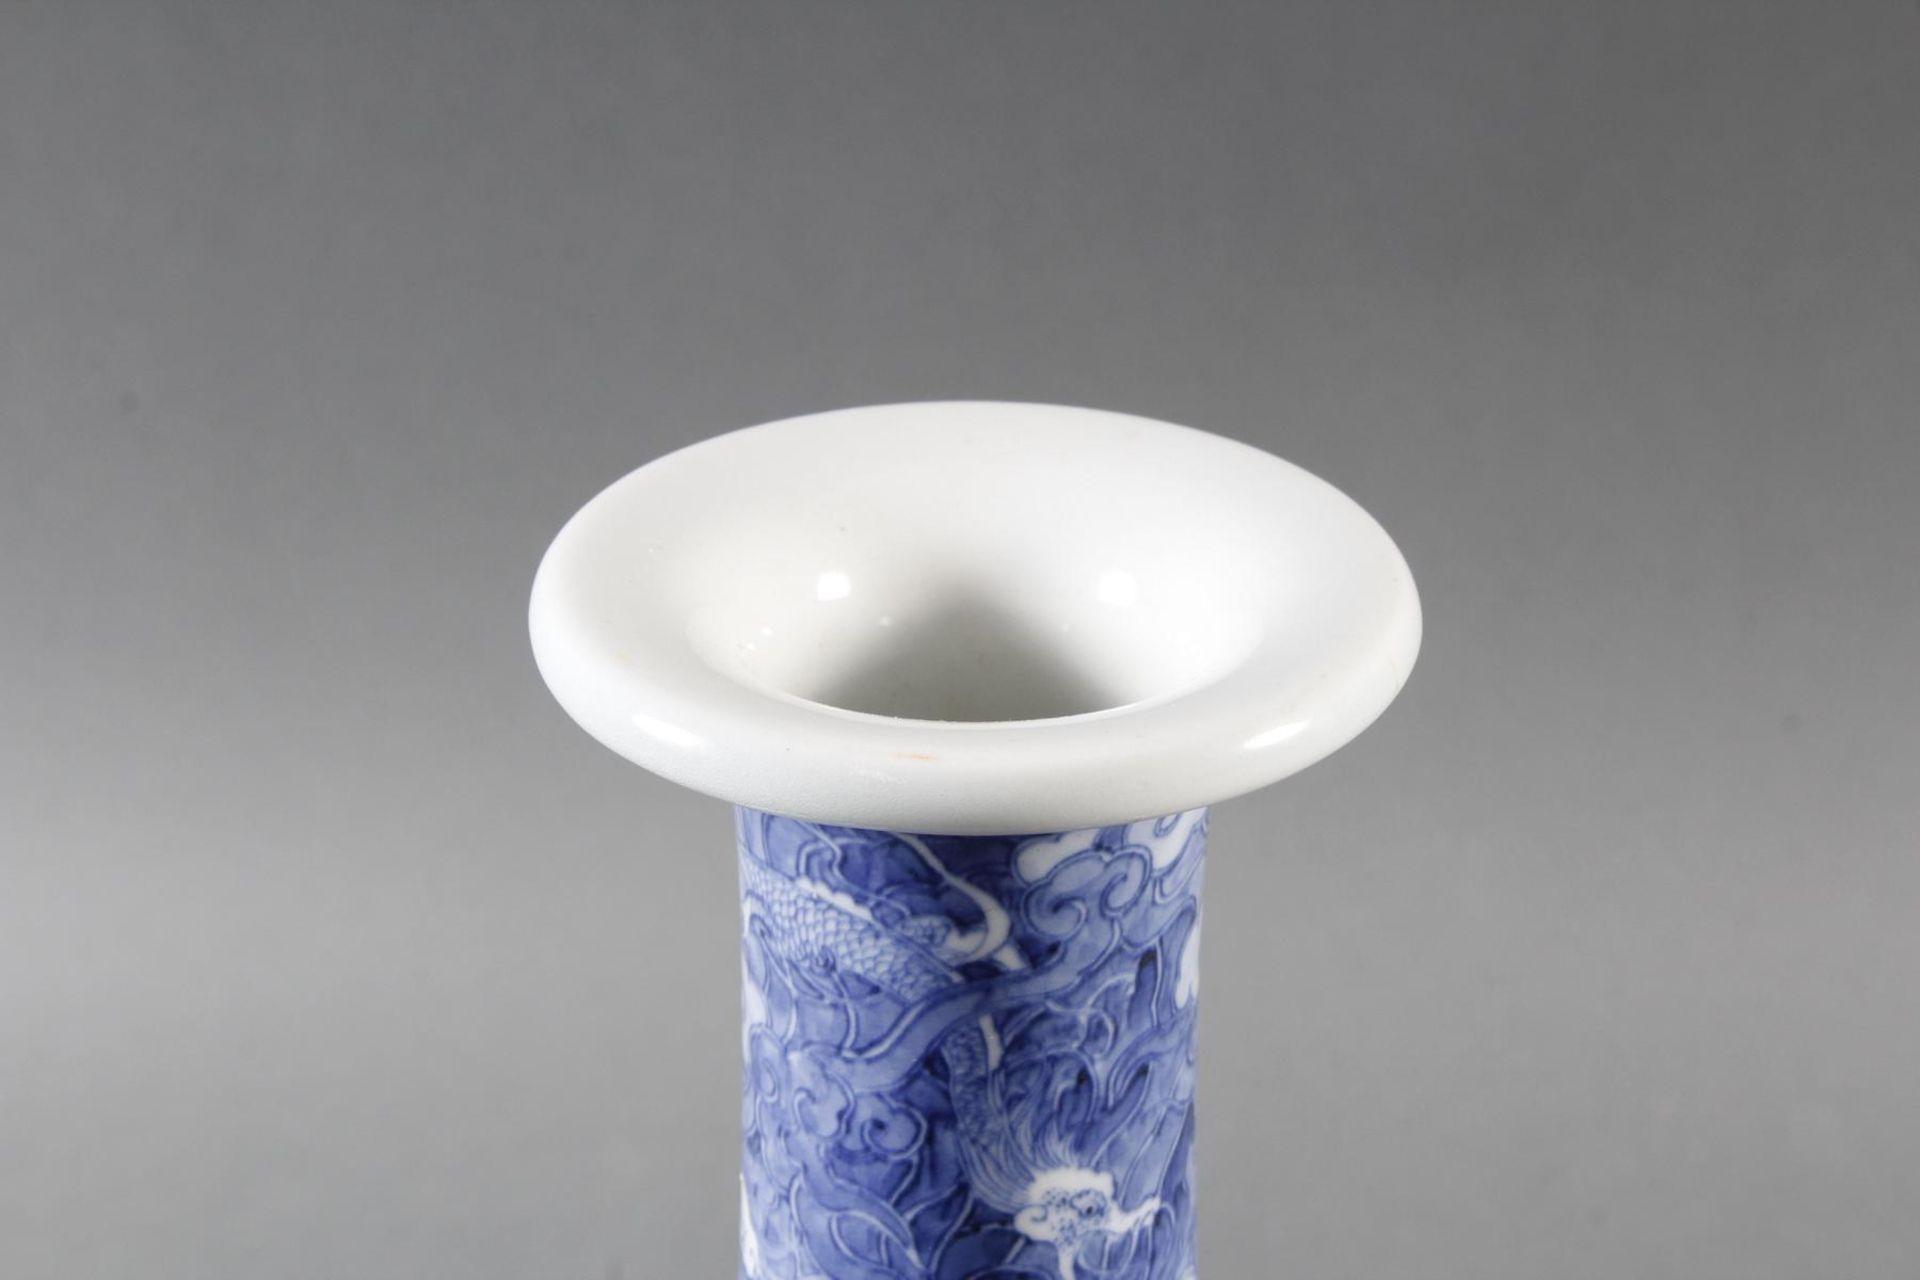 Porzellanvase mit feiner Blauweiß-Bemalung, Fliegender Drache in den Wolken - Bild 3 aus 6